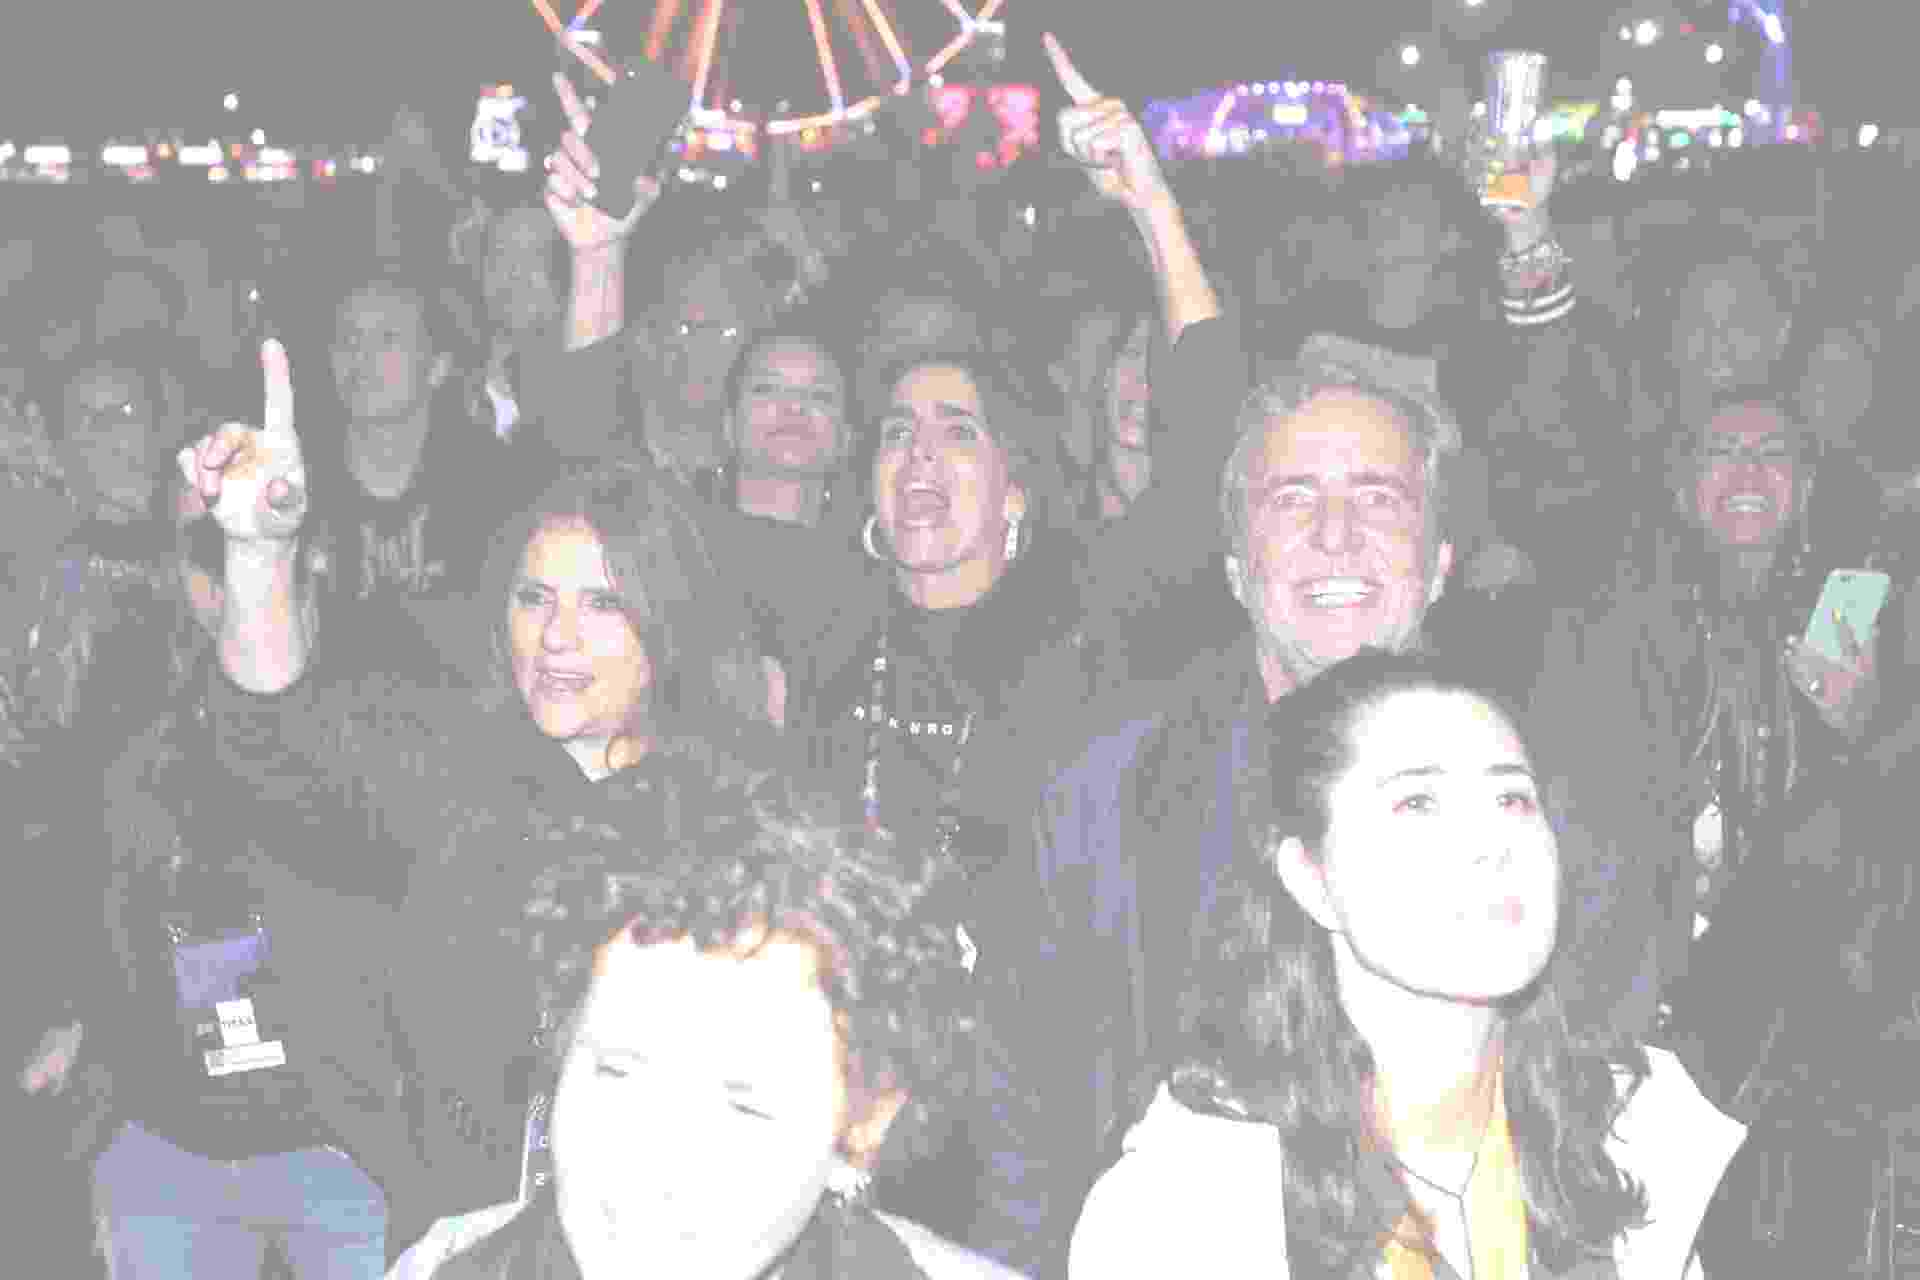 Casada há quase 30 anos com o músico Tony Bellotto, Malu Mader se empolga no show dos Titãs no Rock in Rio. A atriz foi vista se divertindo o som da banda no meio da galera - Marcello Sá Barretto/Brazil News